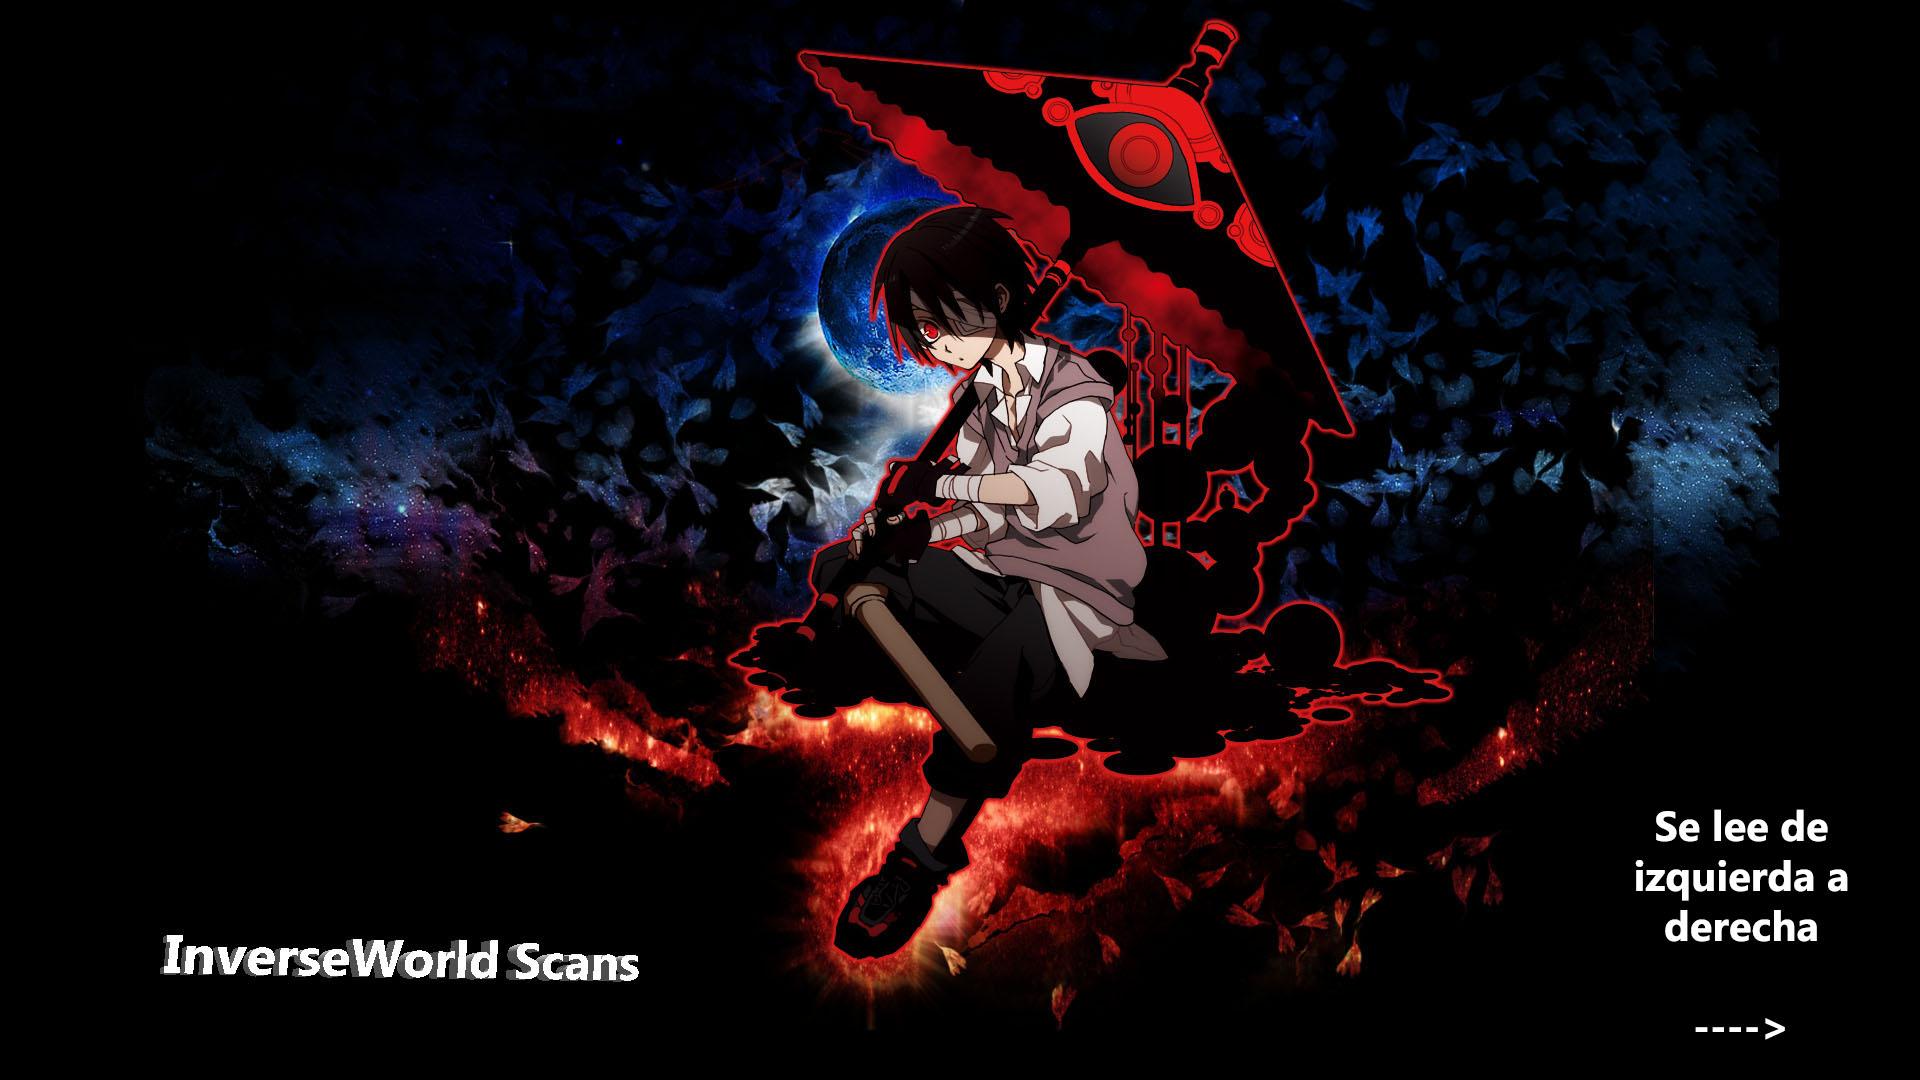 http://c5.ninemanga.com/es_manga/18/16210/415333/9c98631ebb14d8a7a63c52fc2b348adb.jpg Page 1